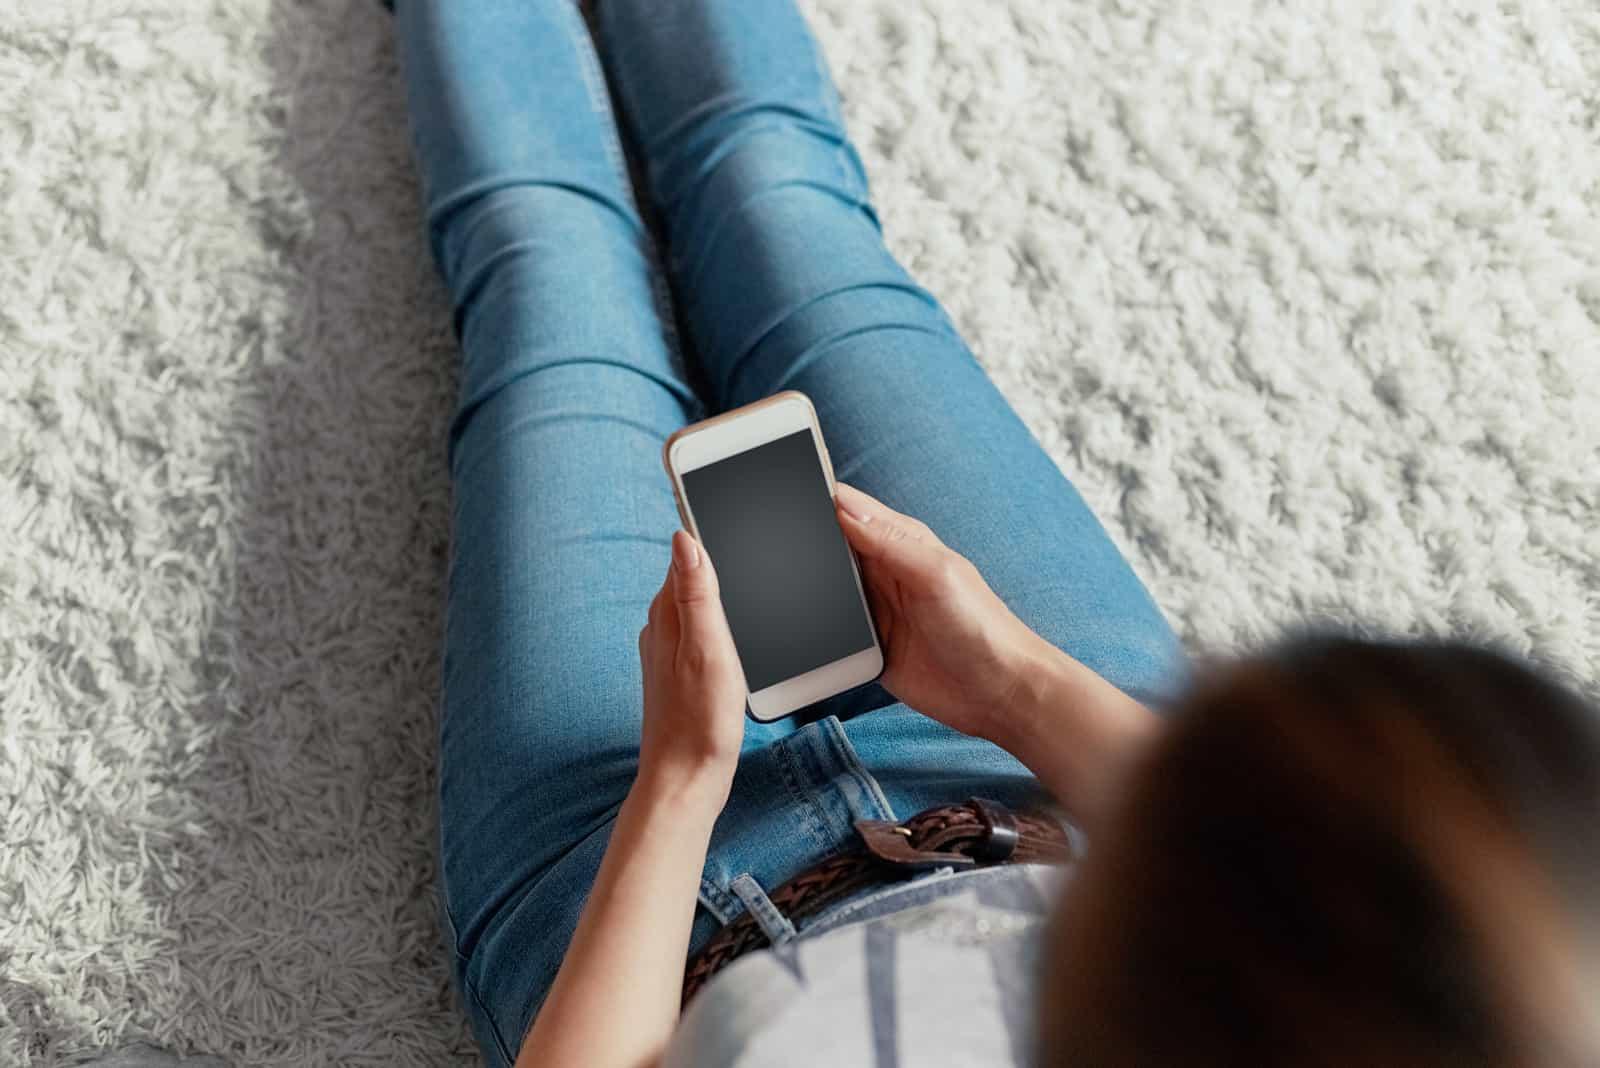 une femme aux cheveux bruns est assise sur le sol et un bouton du téléphone